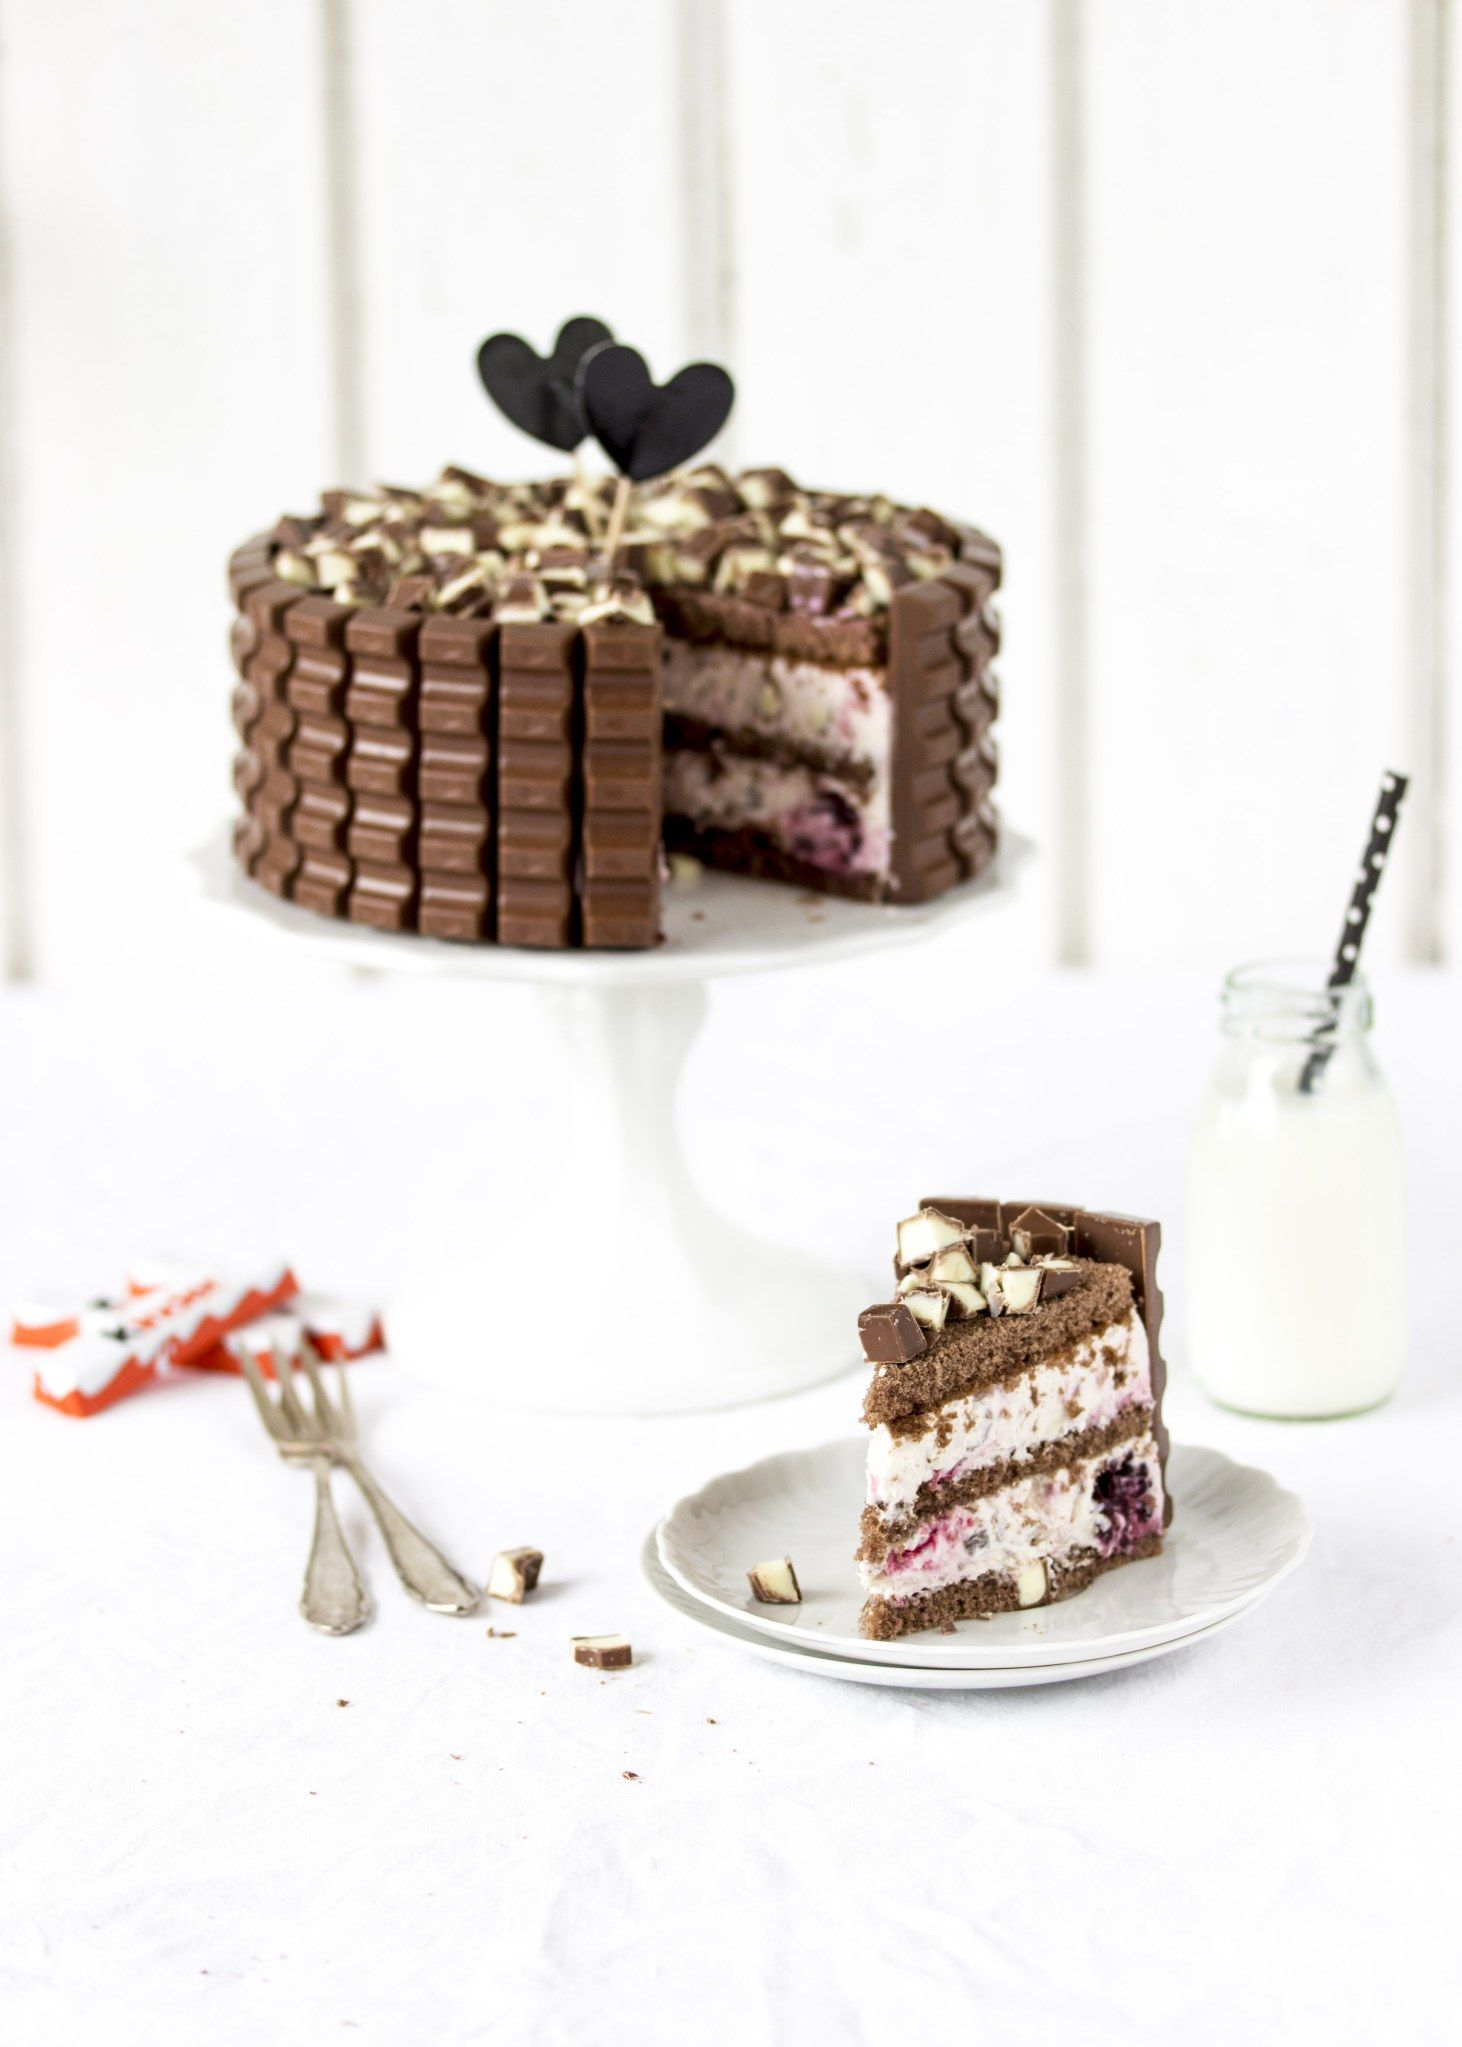 Dieser Beitrag enthält Werbung für kinder Schokolade Dein Gesicht auf der Packung der kinder Schokolade